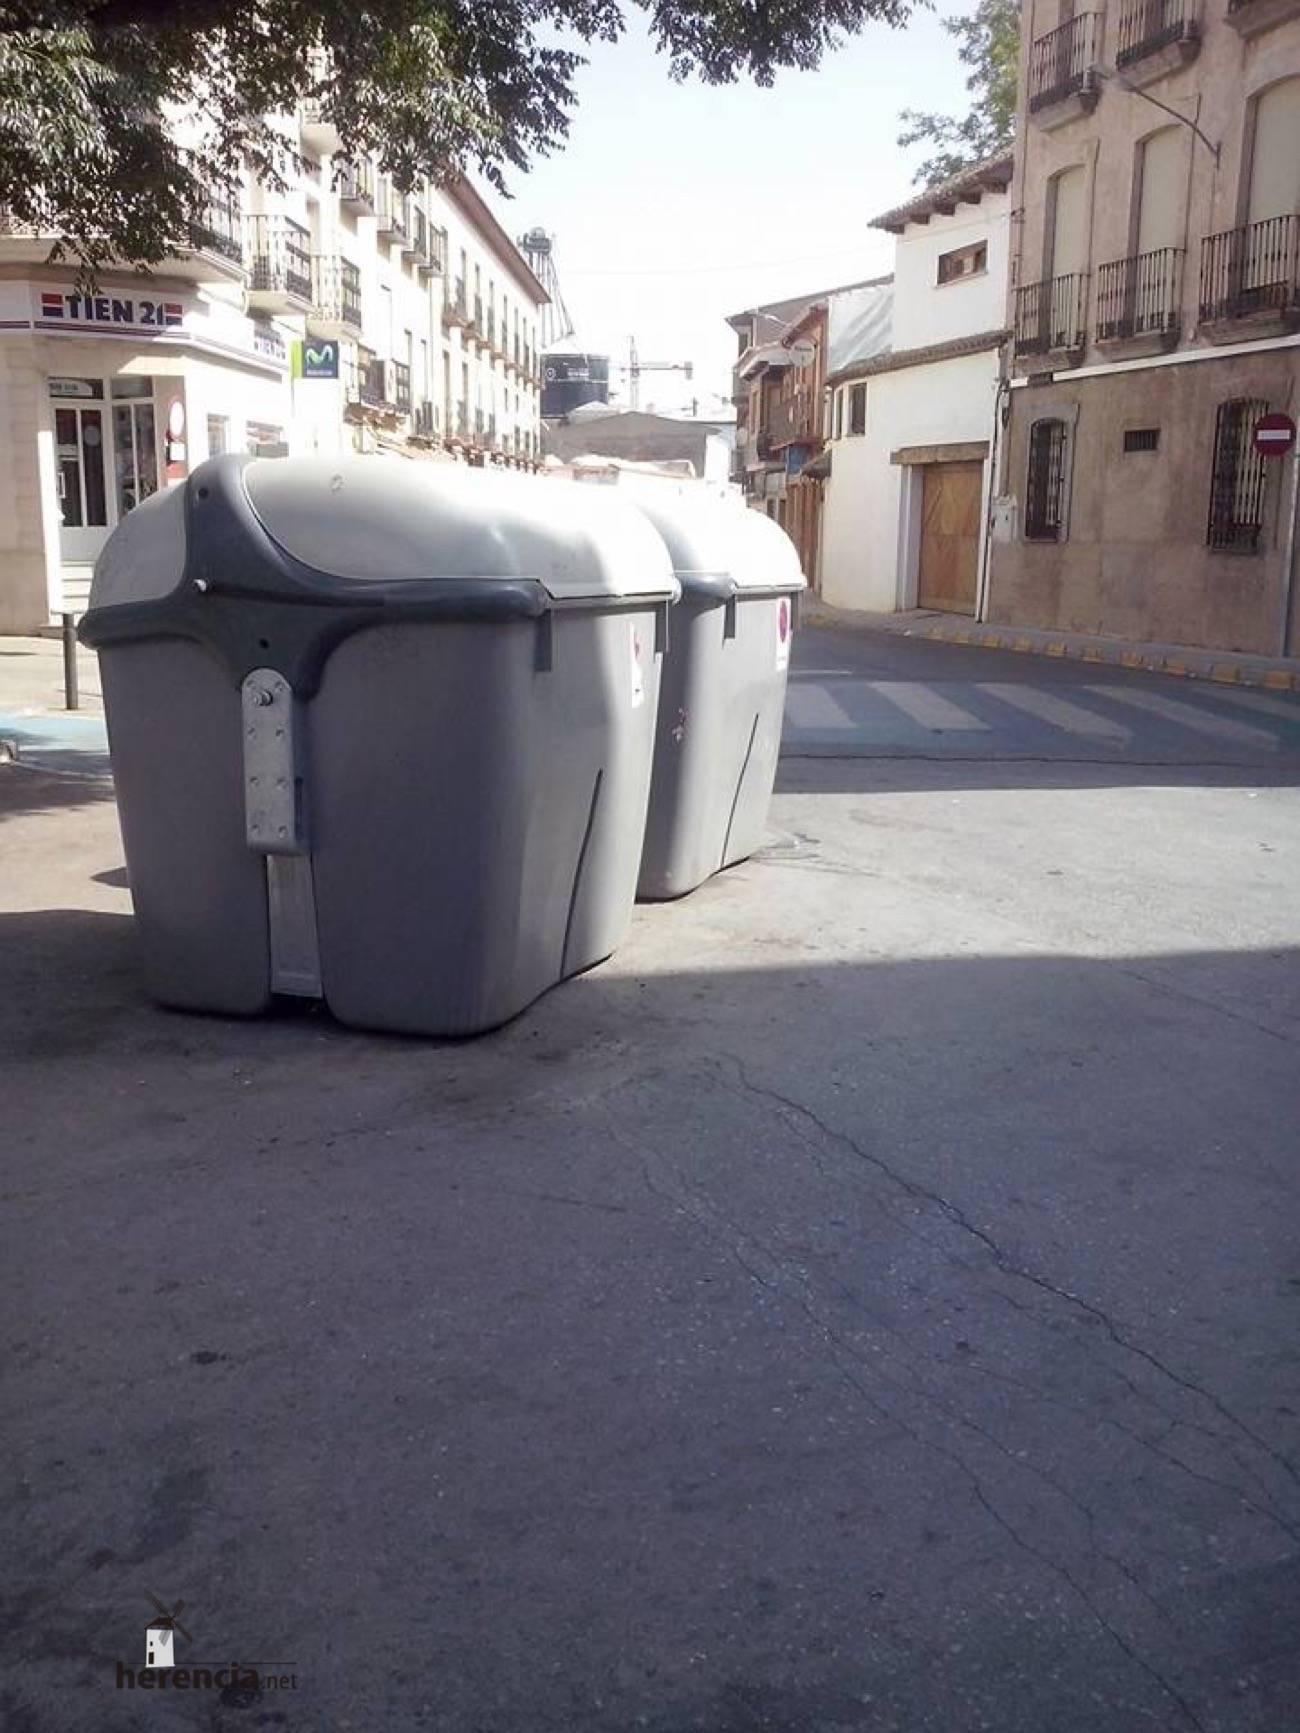 contenedores de basura en herencia 4 - Pensionistas y jubilados verán reducida su tasa de basura a la mitad